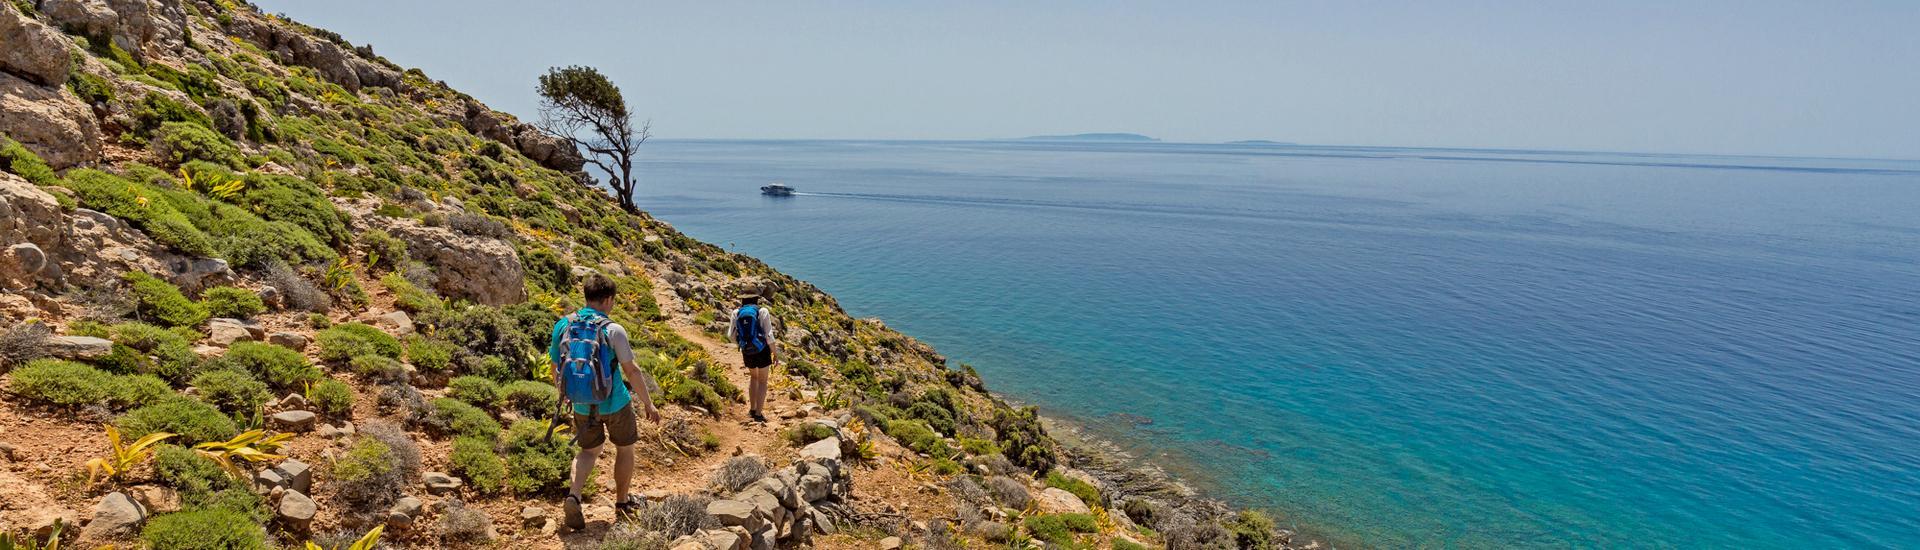 Kreta - Białe Góry i błękit morza